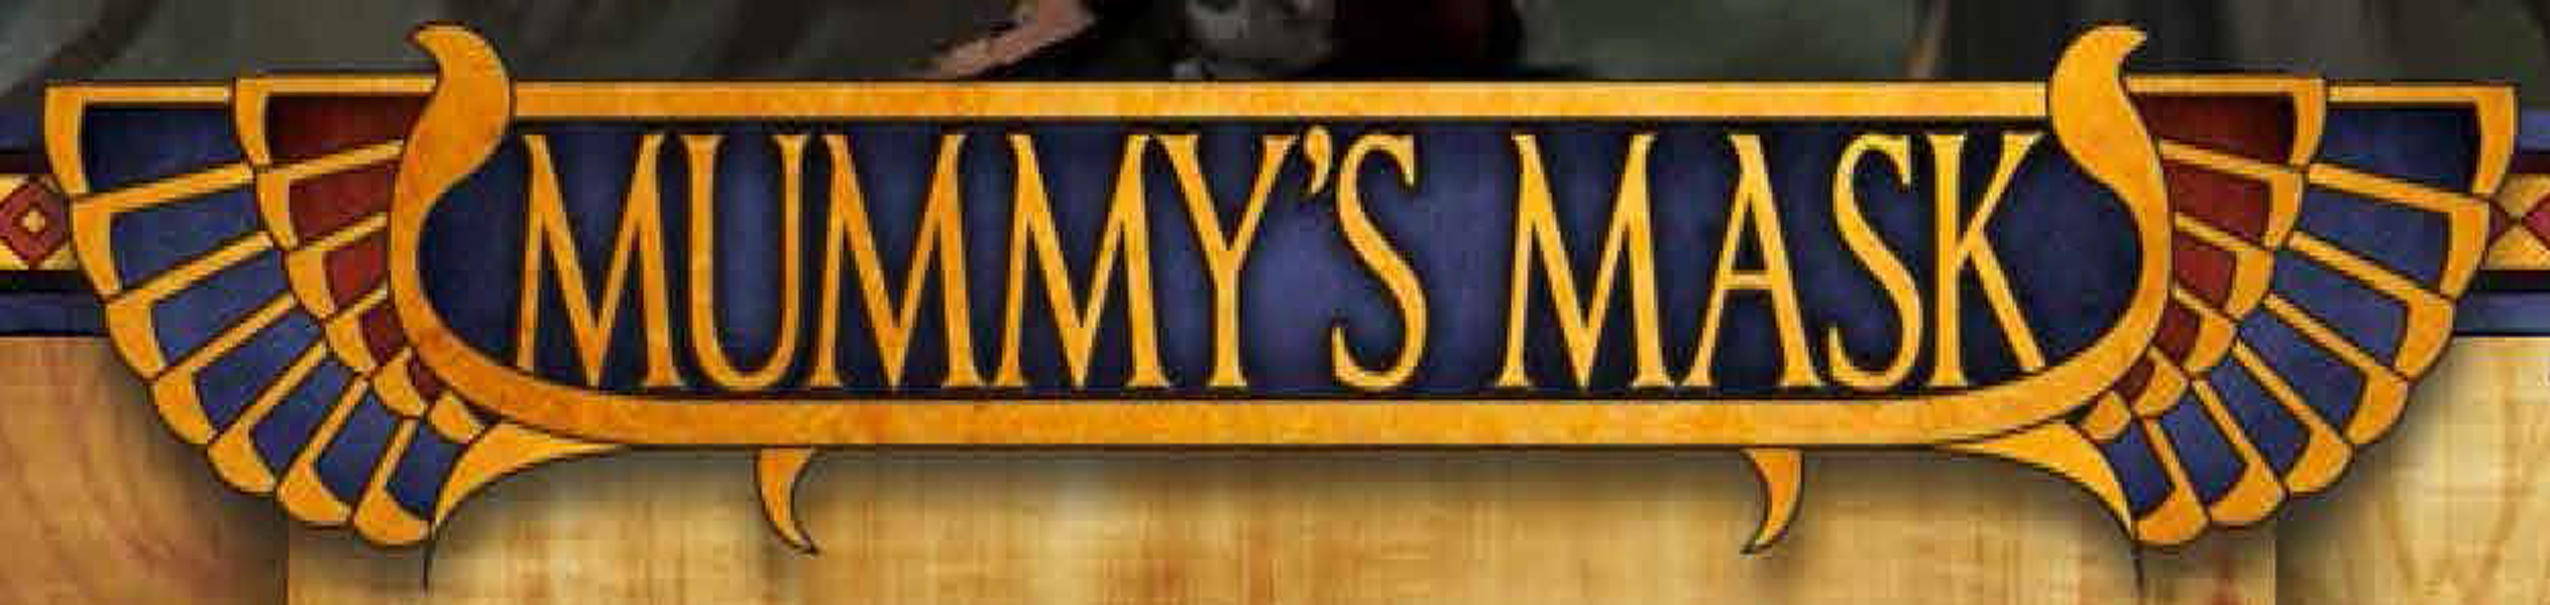 Mummy s mask title